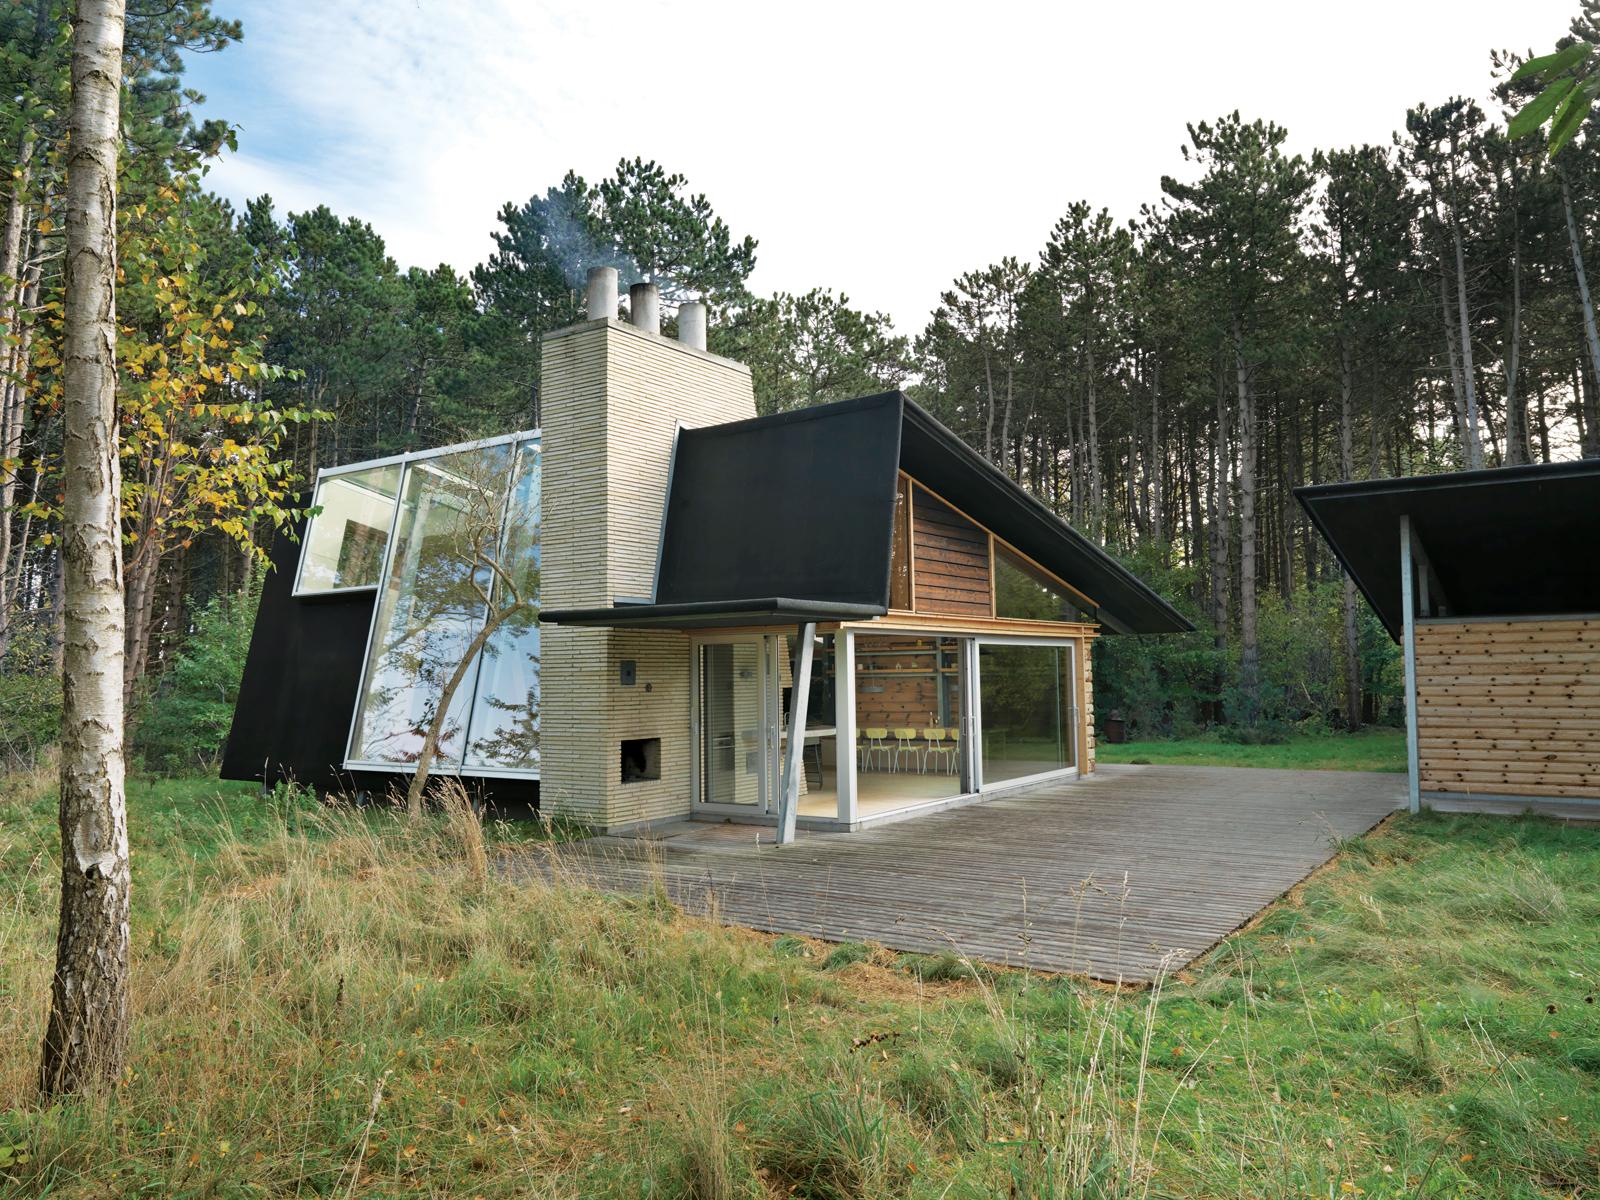 Danish summer house designed by Jesper Brask.